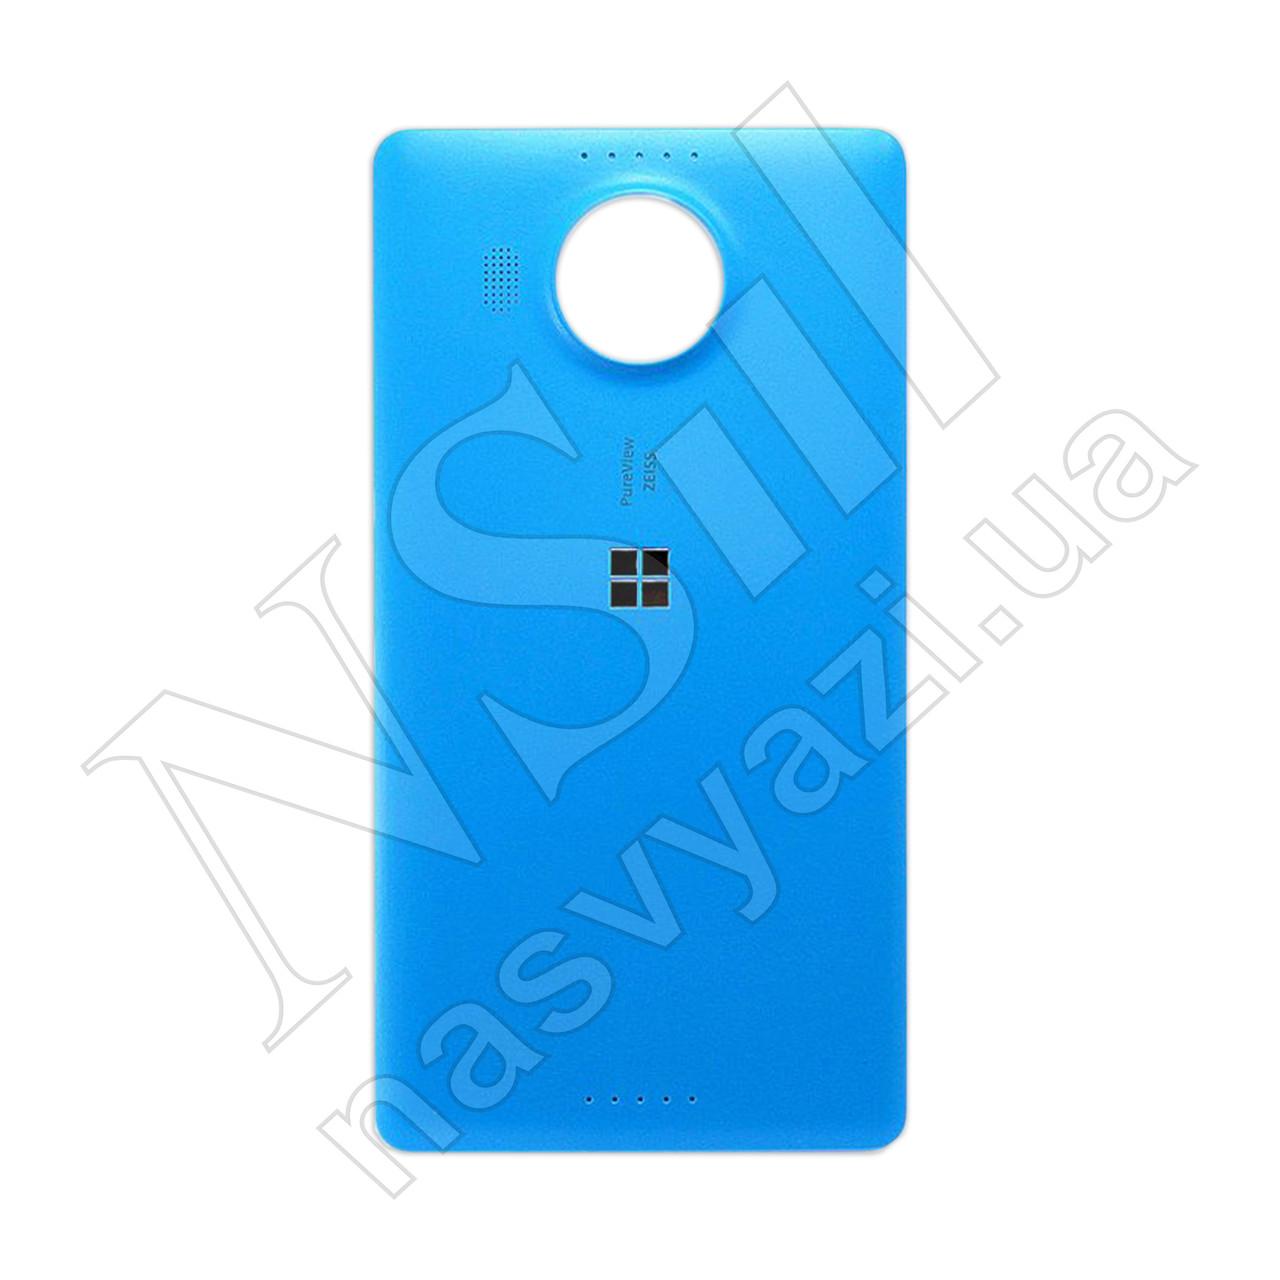 Задняя крышка MICROSOFT 950 XL Lumia голубая